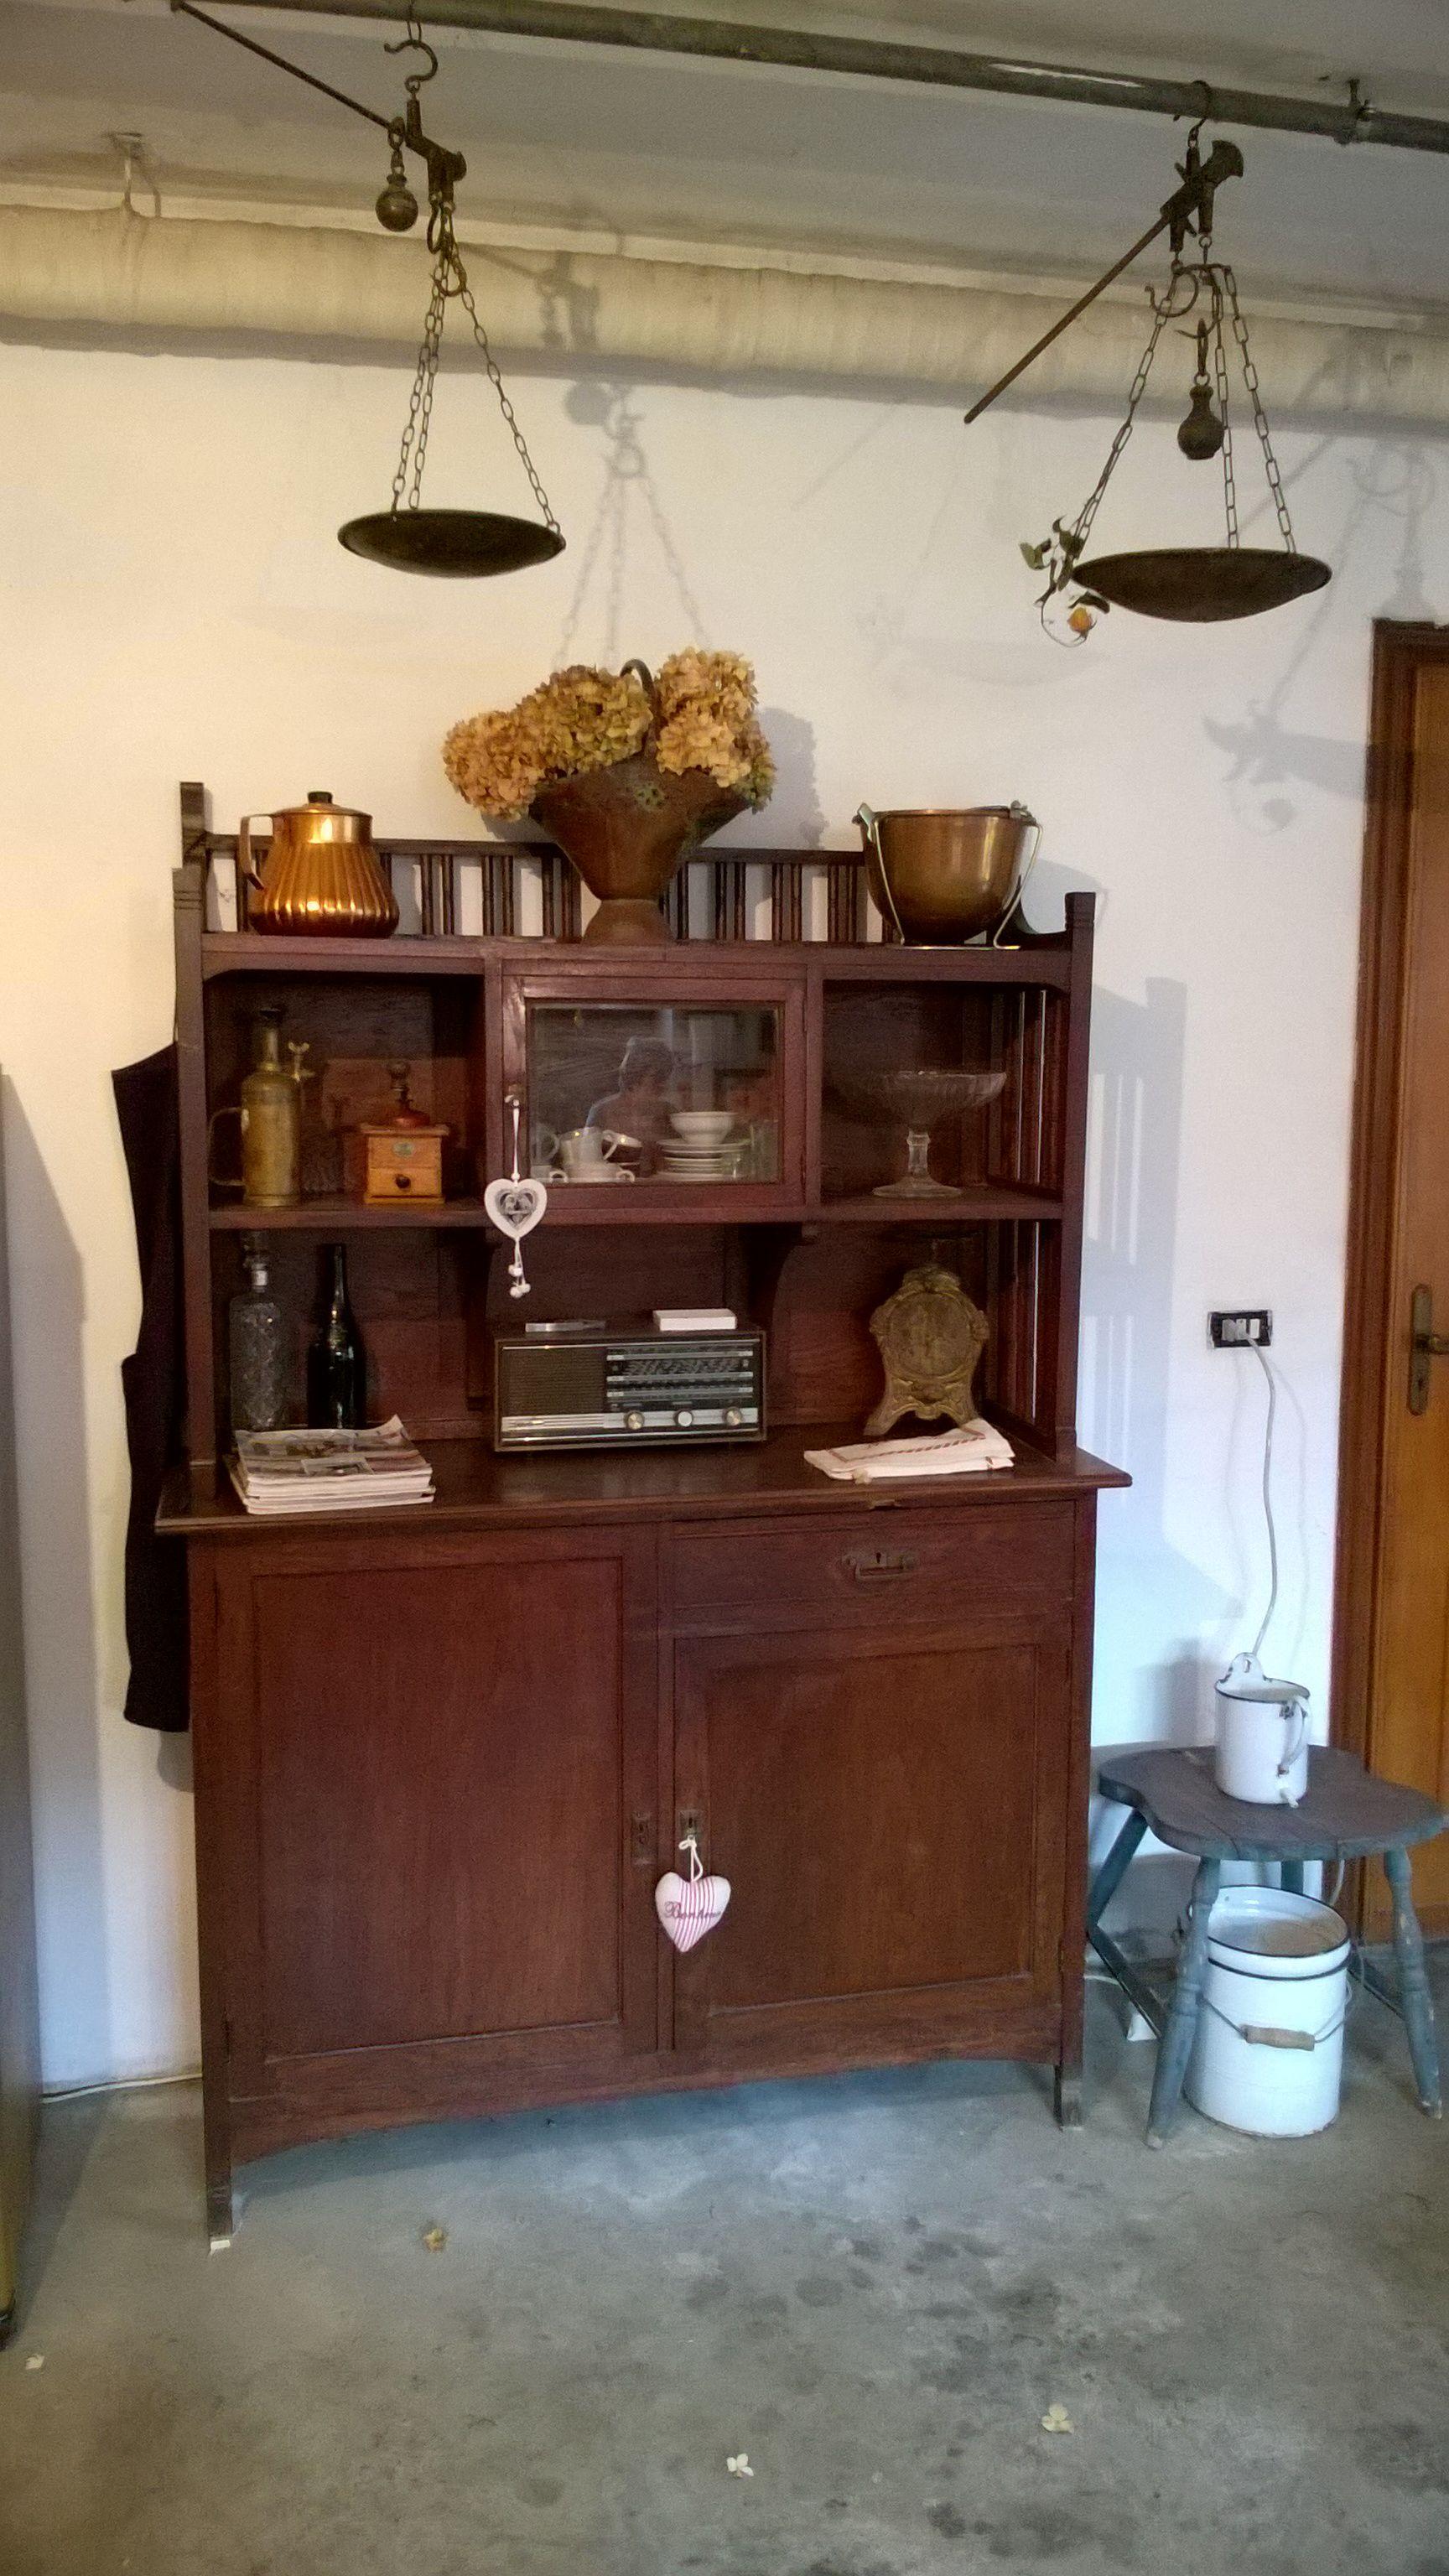 Oggetti vintage per la casa elegant with oggetti vintage for Oggetti vintage per casa